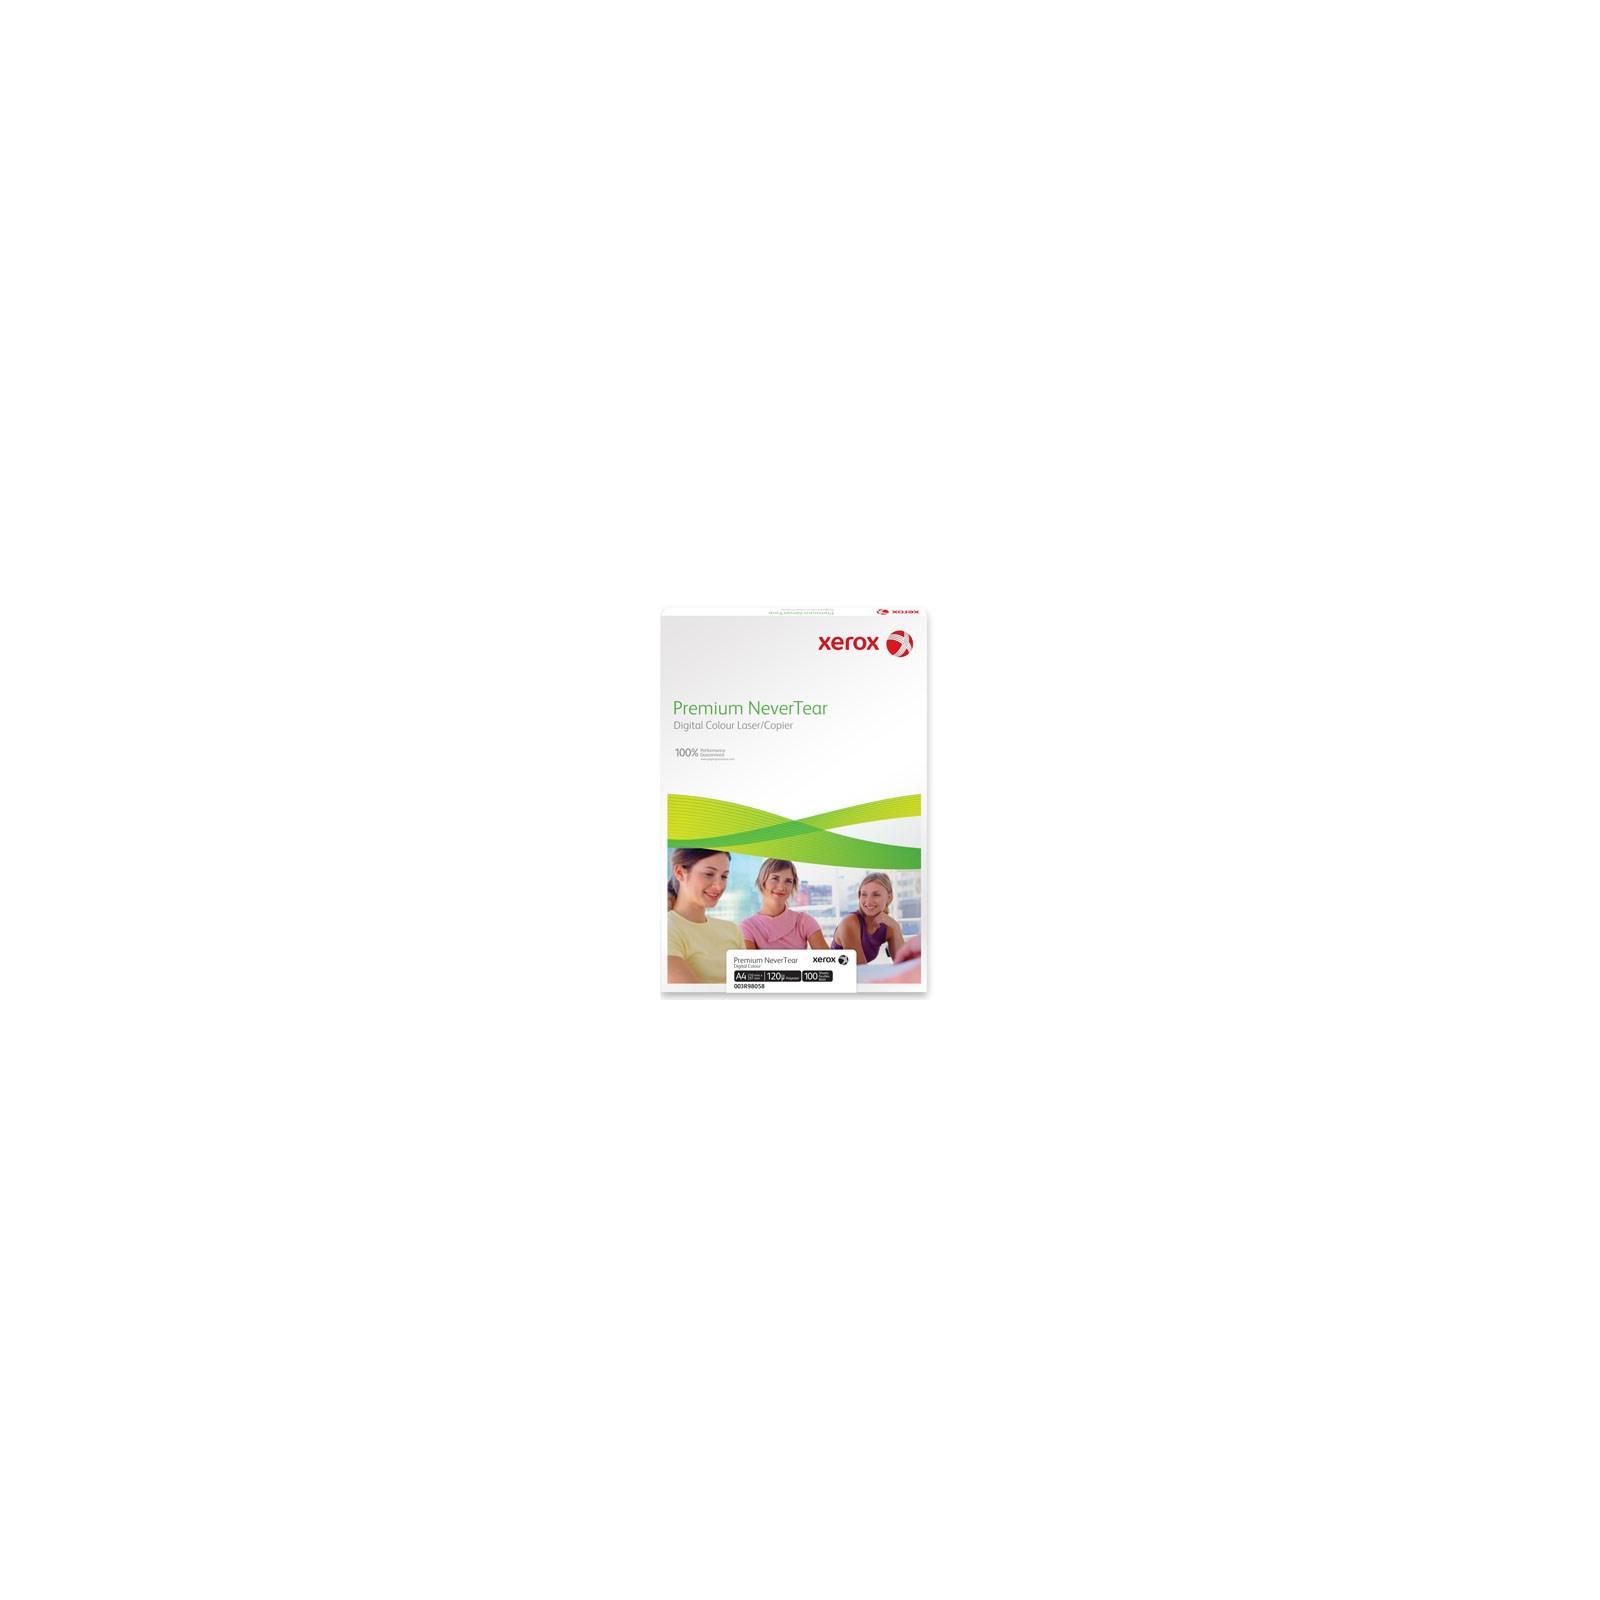 Пленка для печати Xerox A3 Premium Never Tear (003R98057)